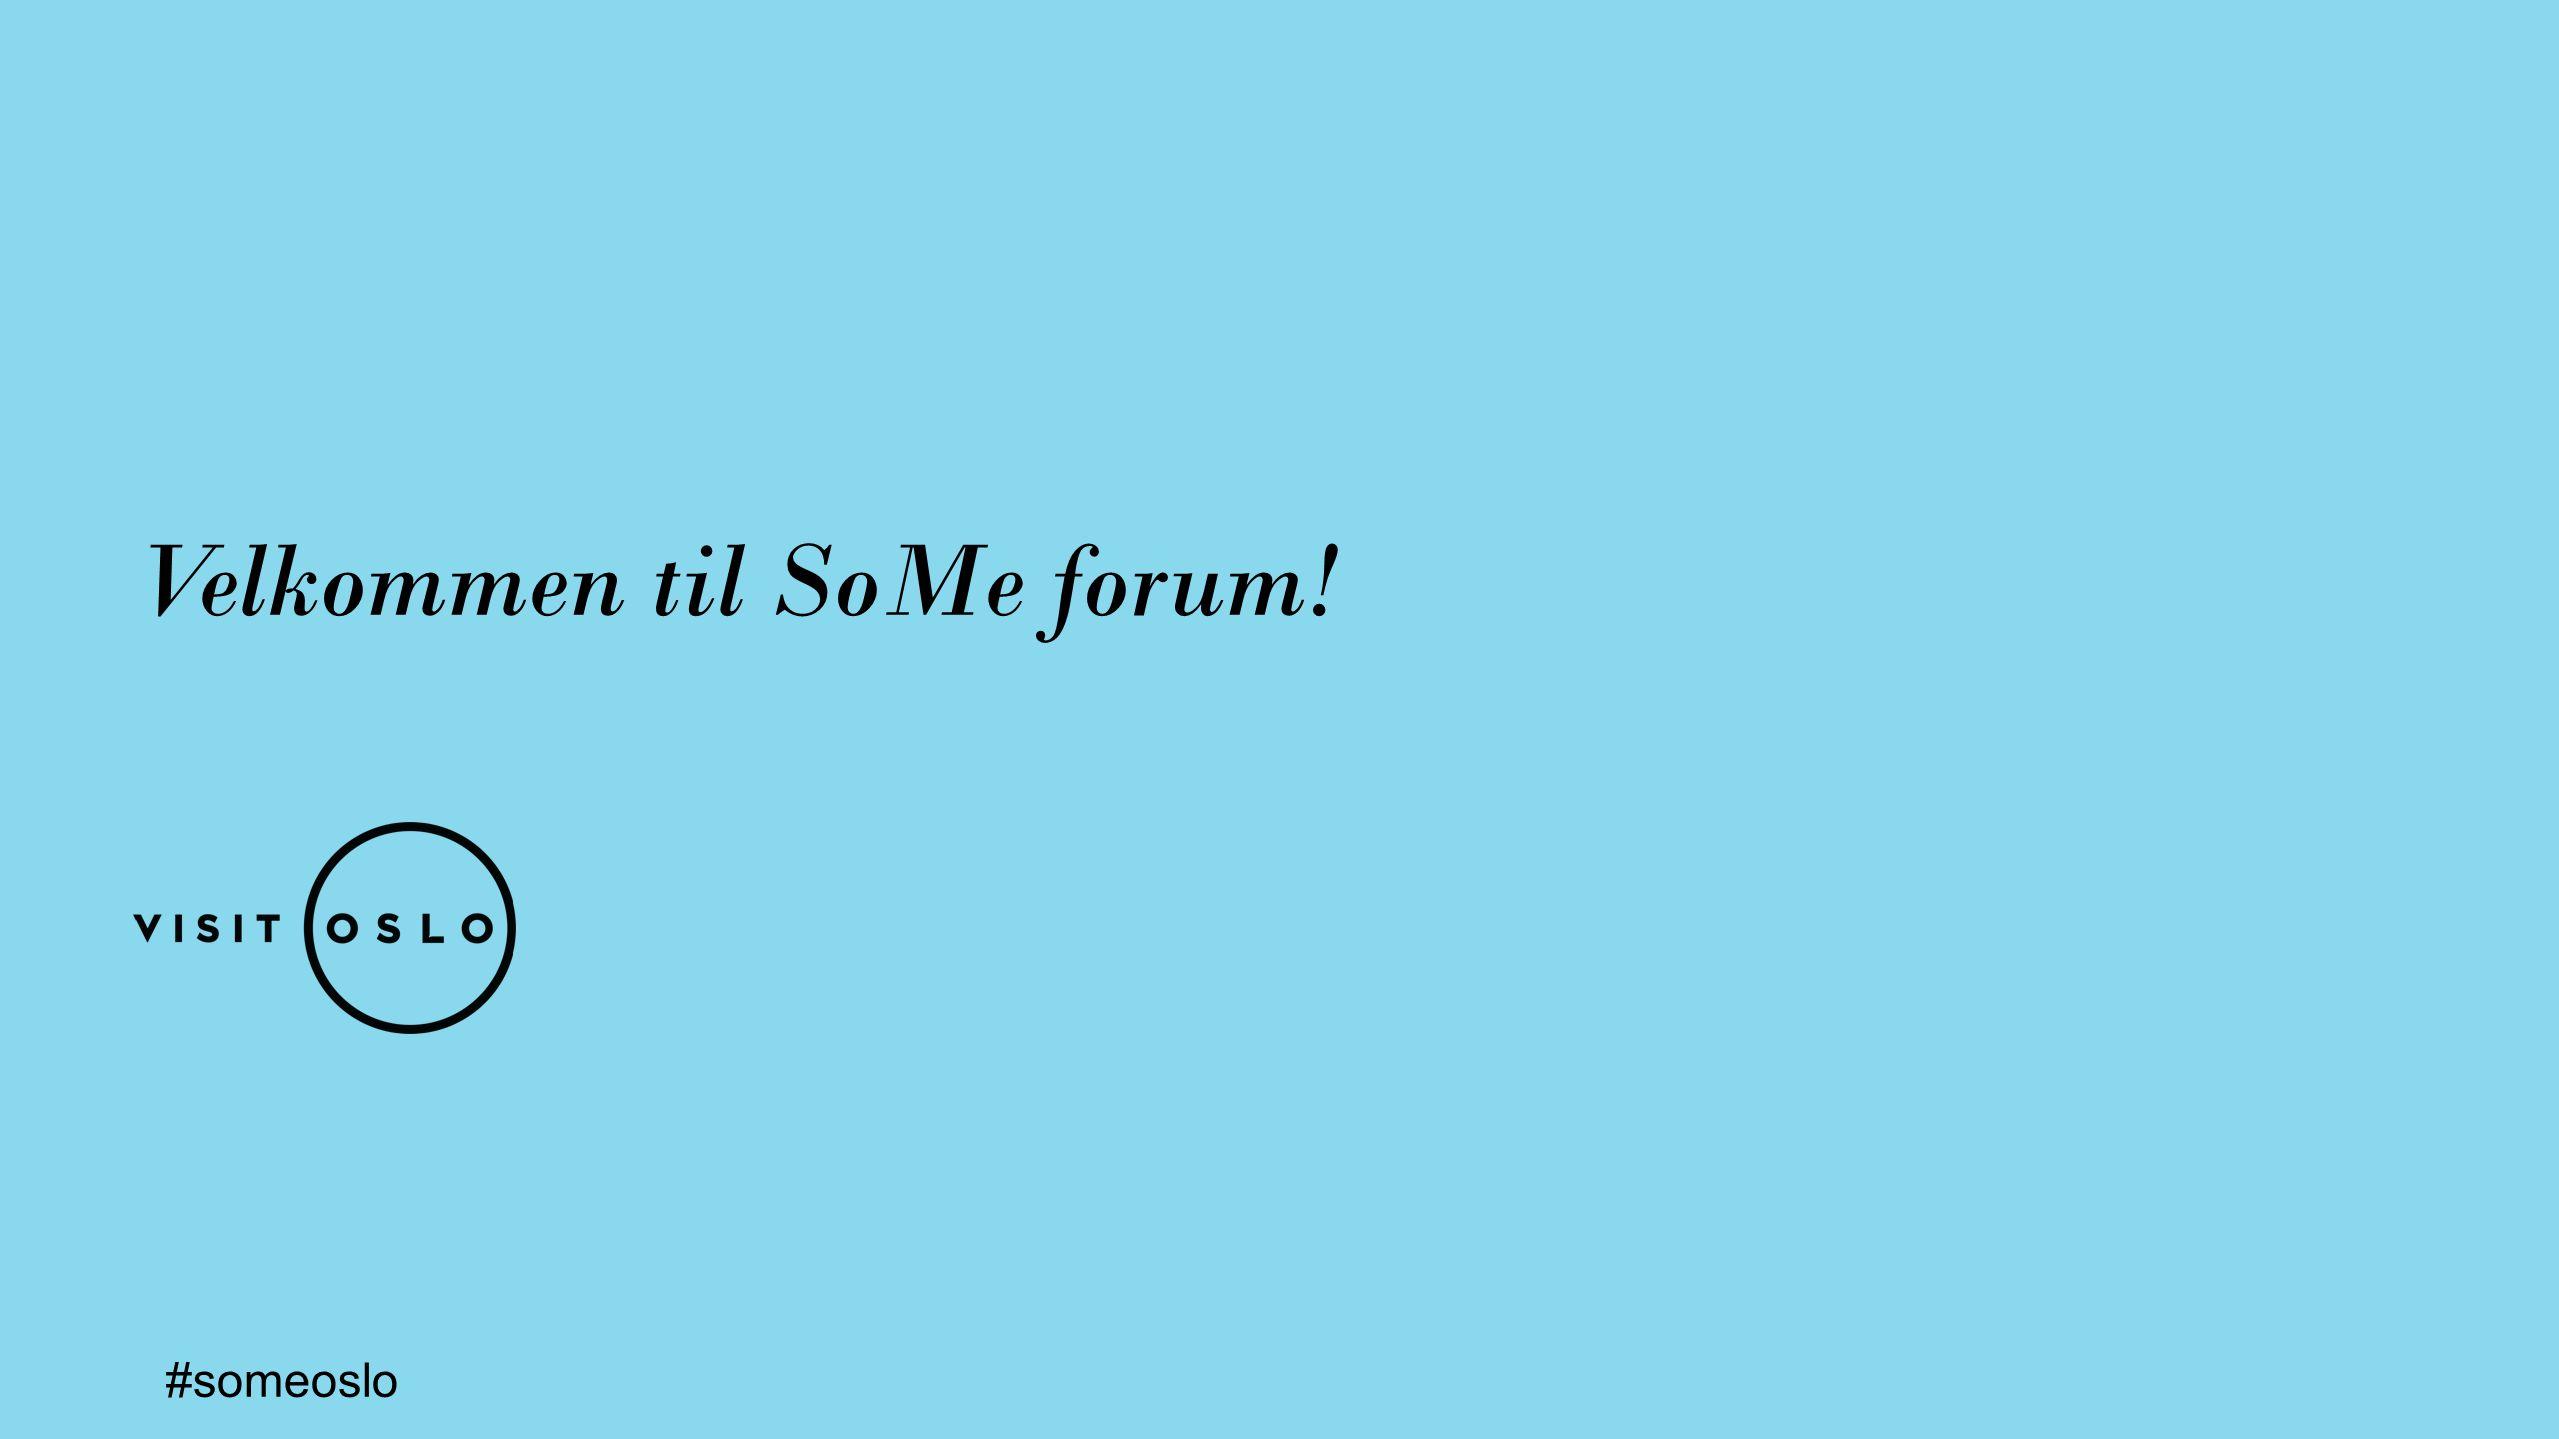 Velkommen til SoMe forum! #someoslo